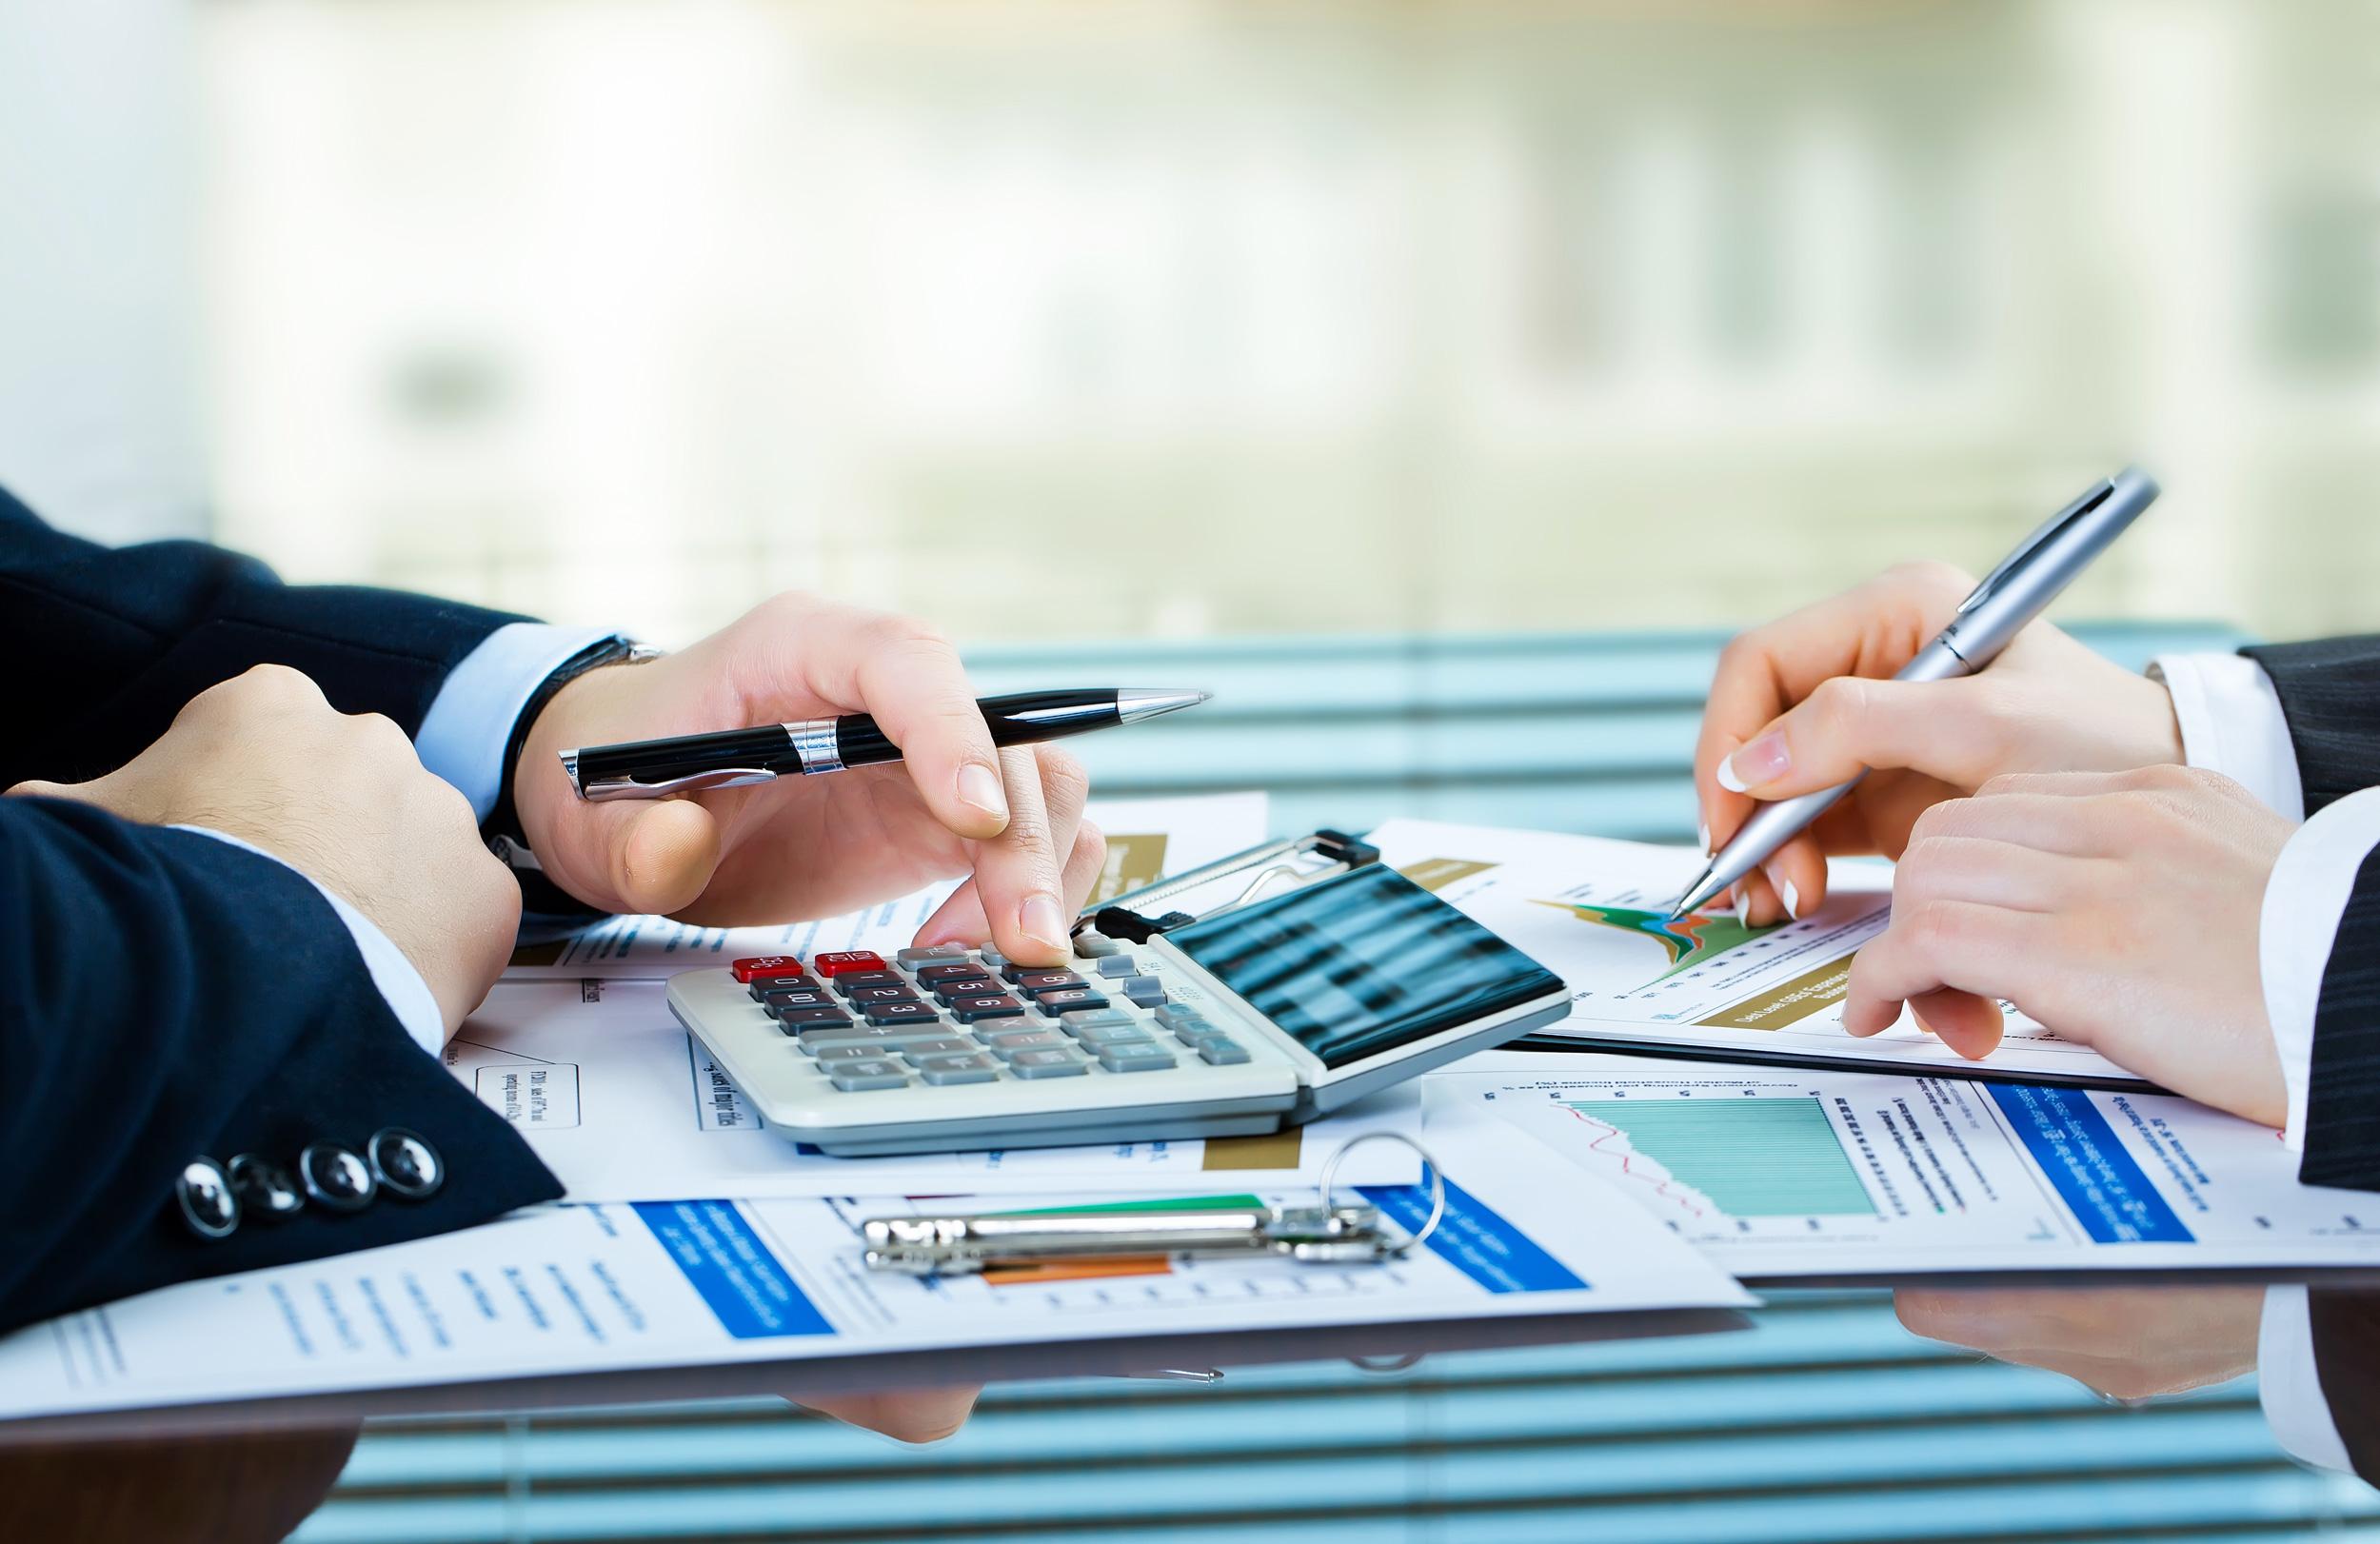 Бухгалтерское обслуживание осн какими качествами должен обладать бухгалтер